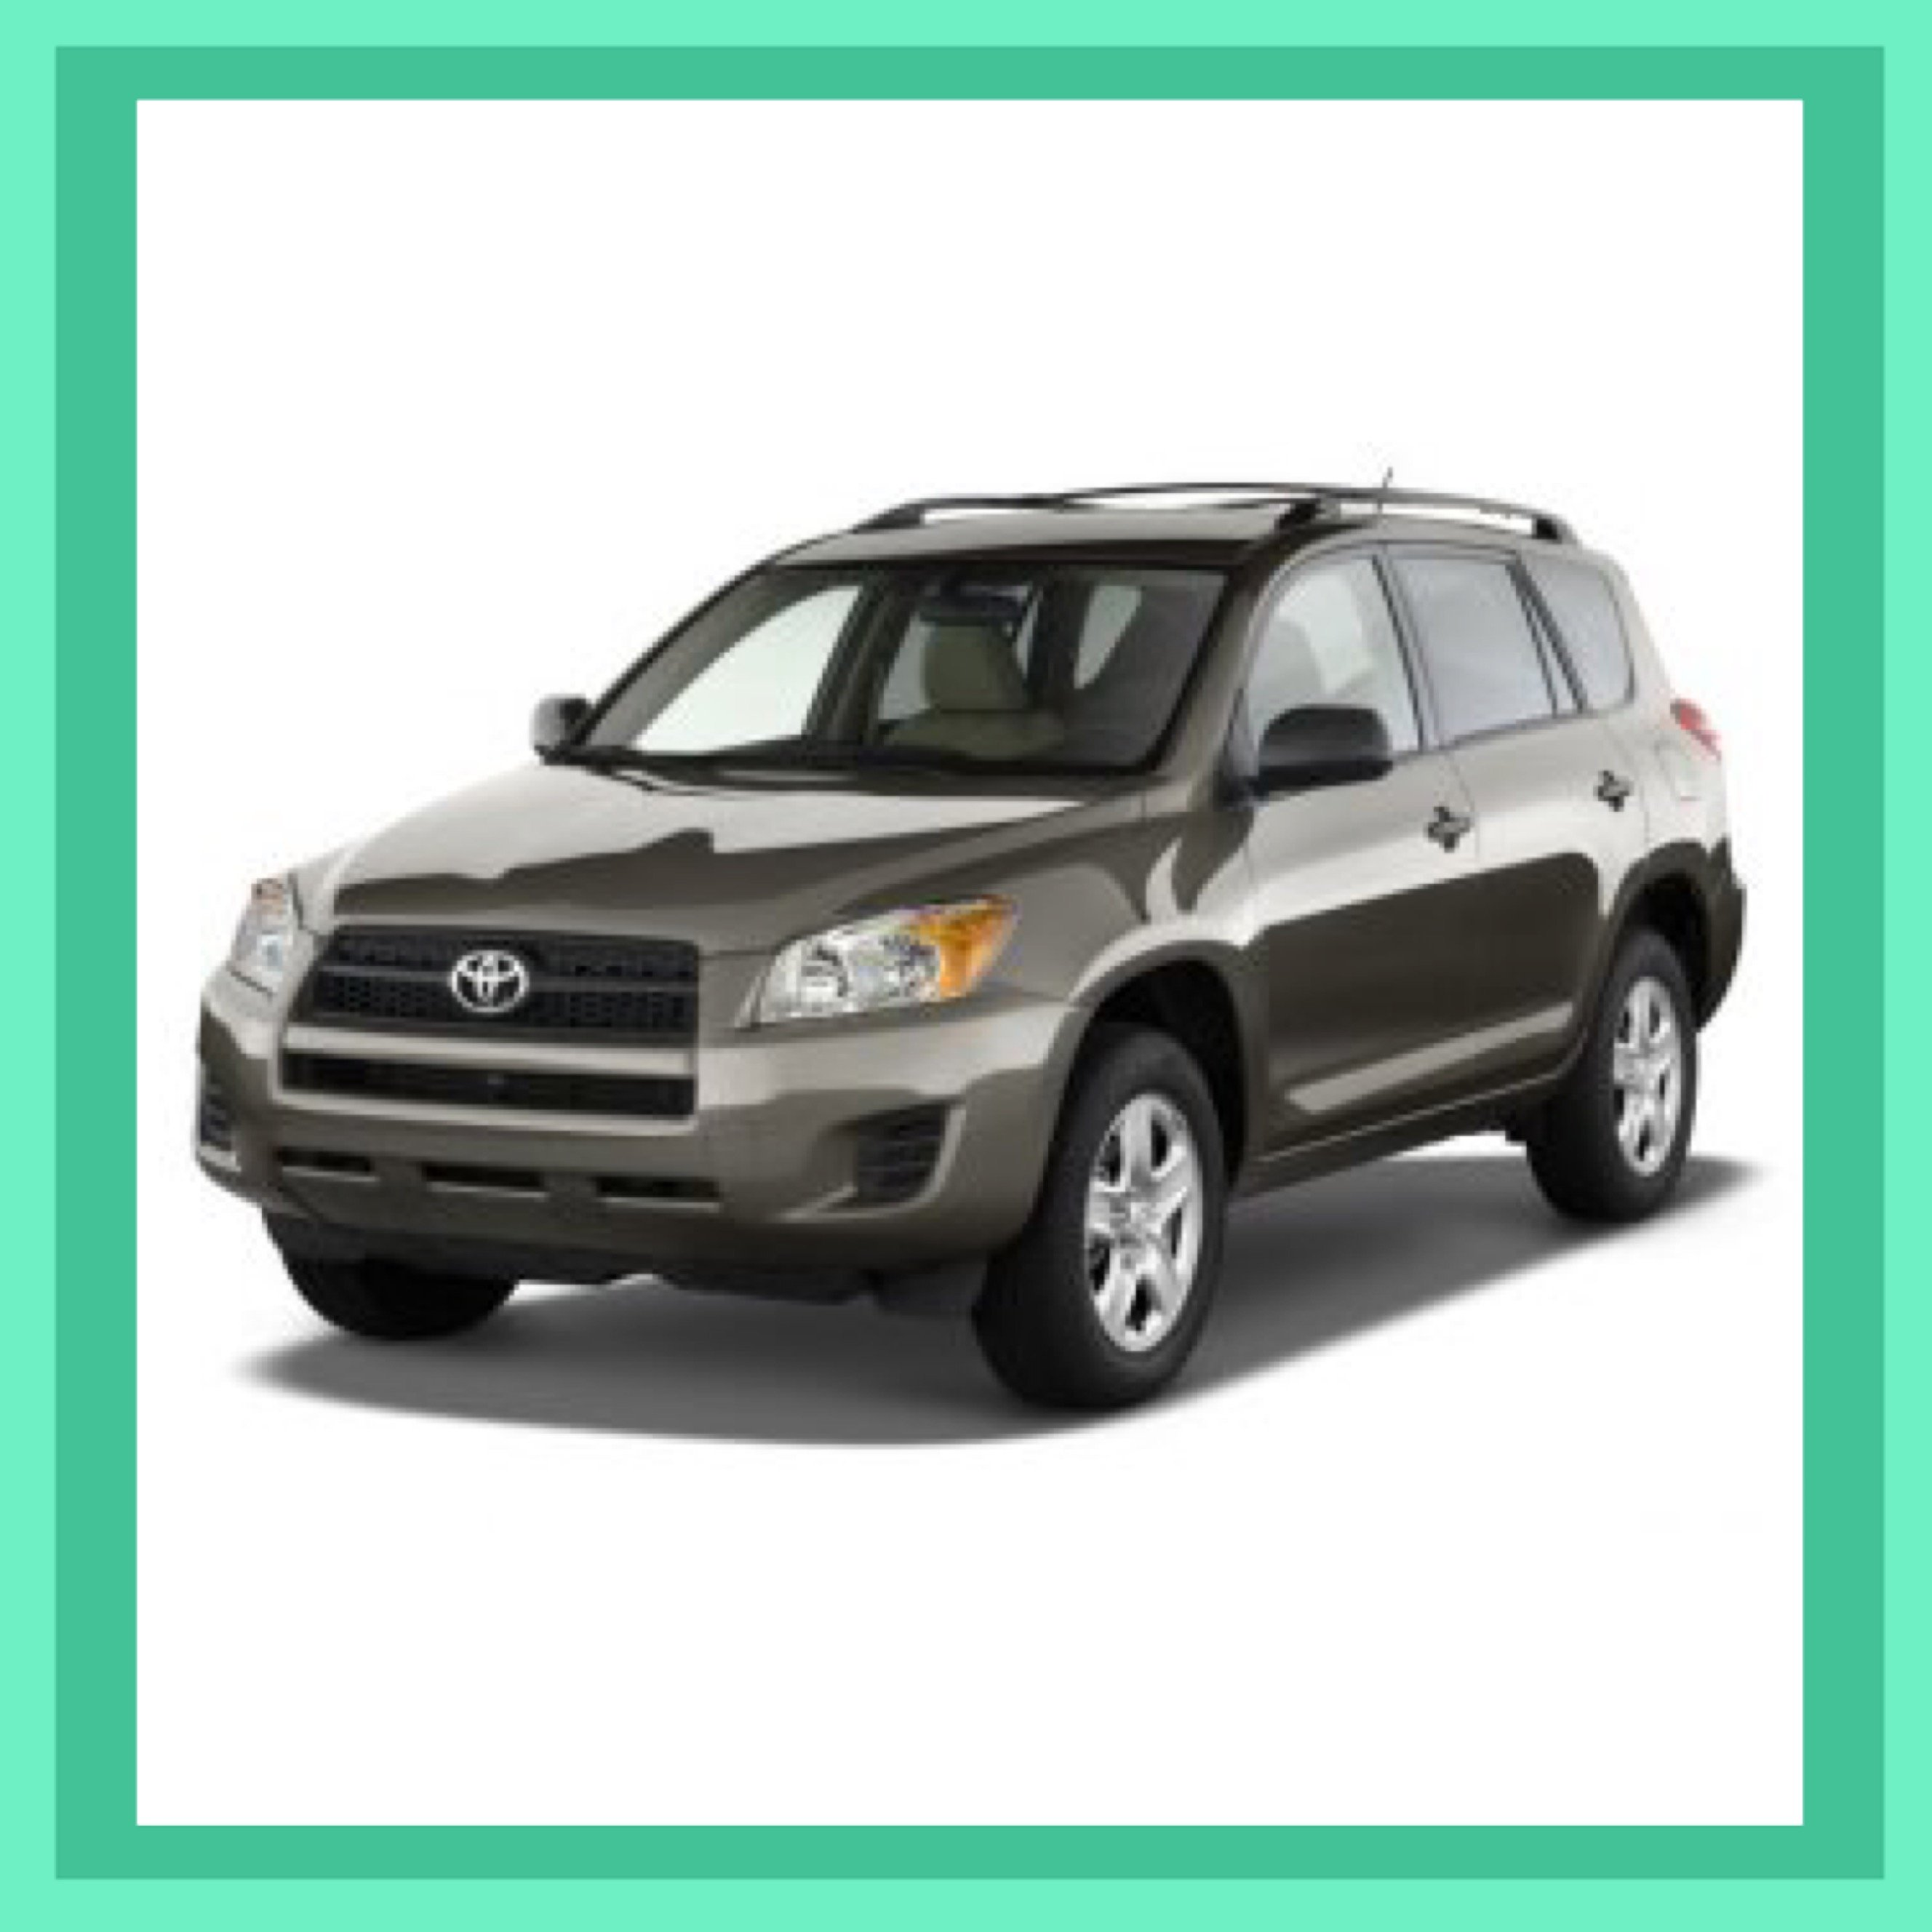 Toyota Rav 4 2010 - 2012